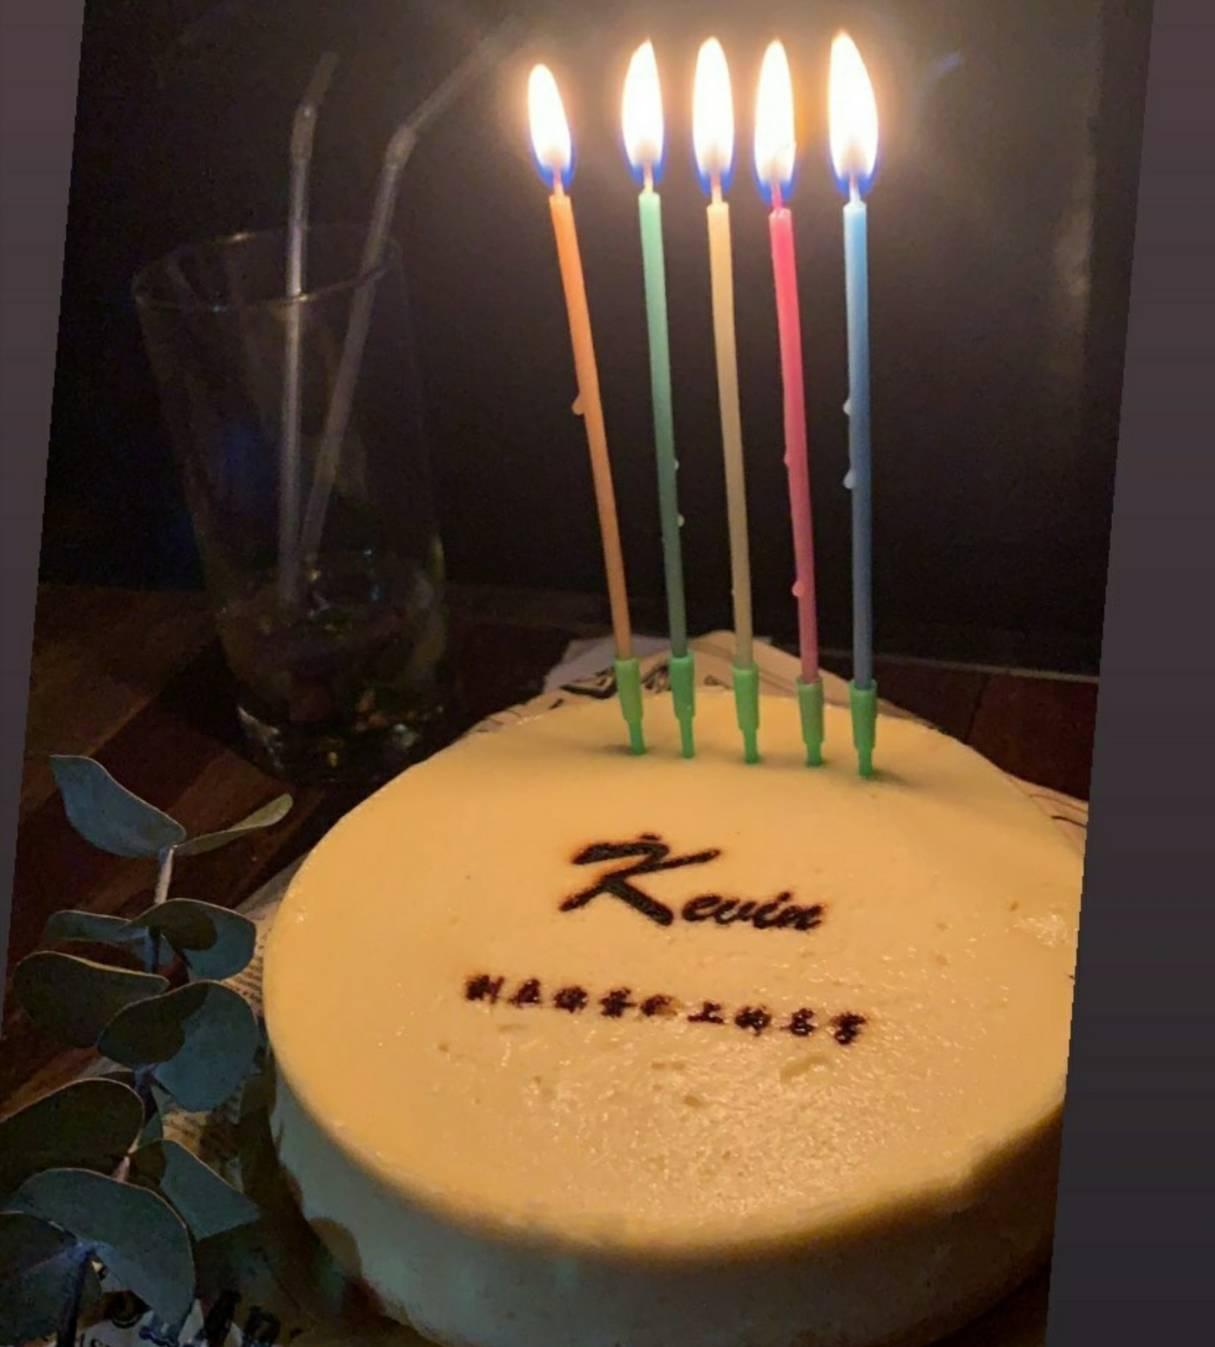 刻在你蛋糕上的名子[糕中生二年一班] 原味重乳酪 6吋以上  原味 甜點 下午茶 點心 蛋糕  (請詳閱注意事項)